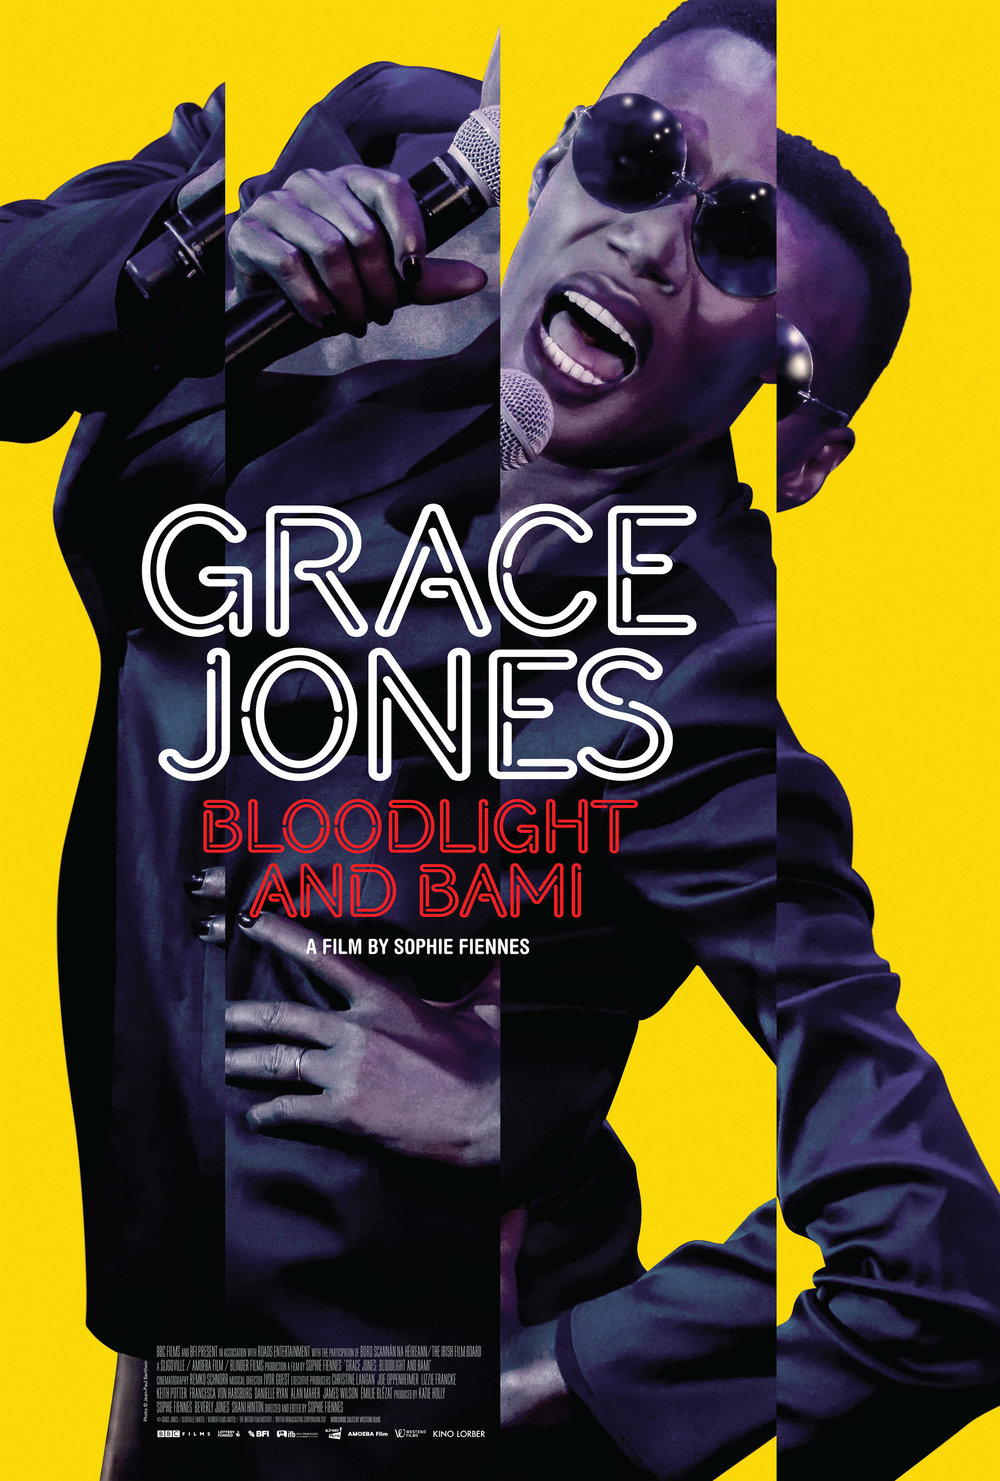 GraceJones_poster.jpg